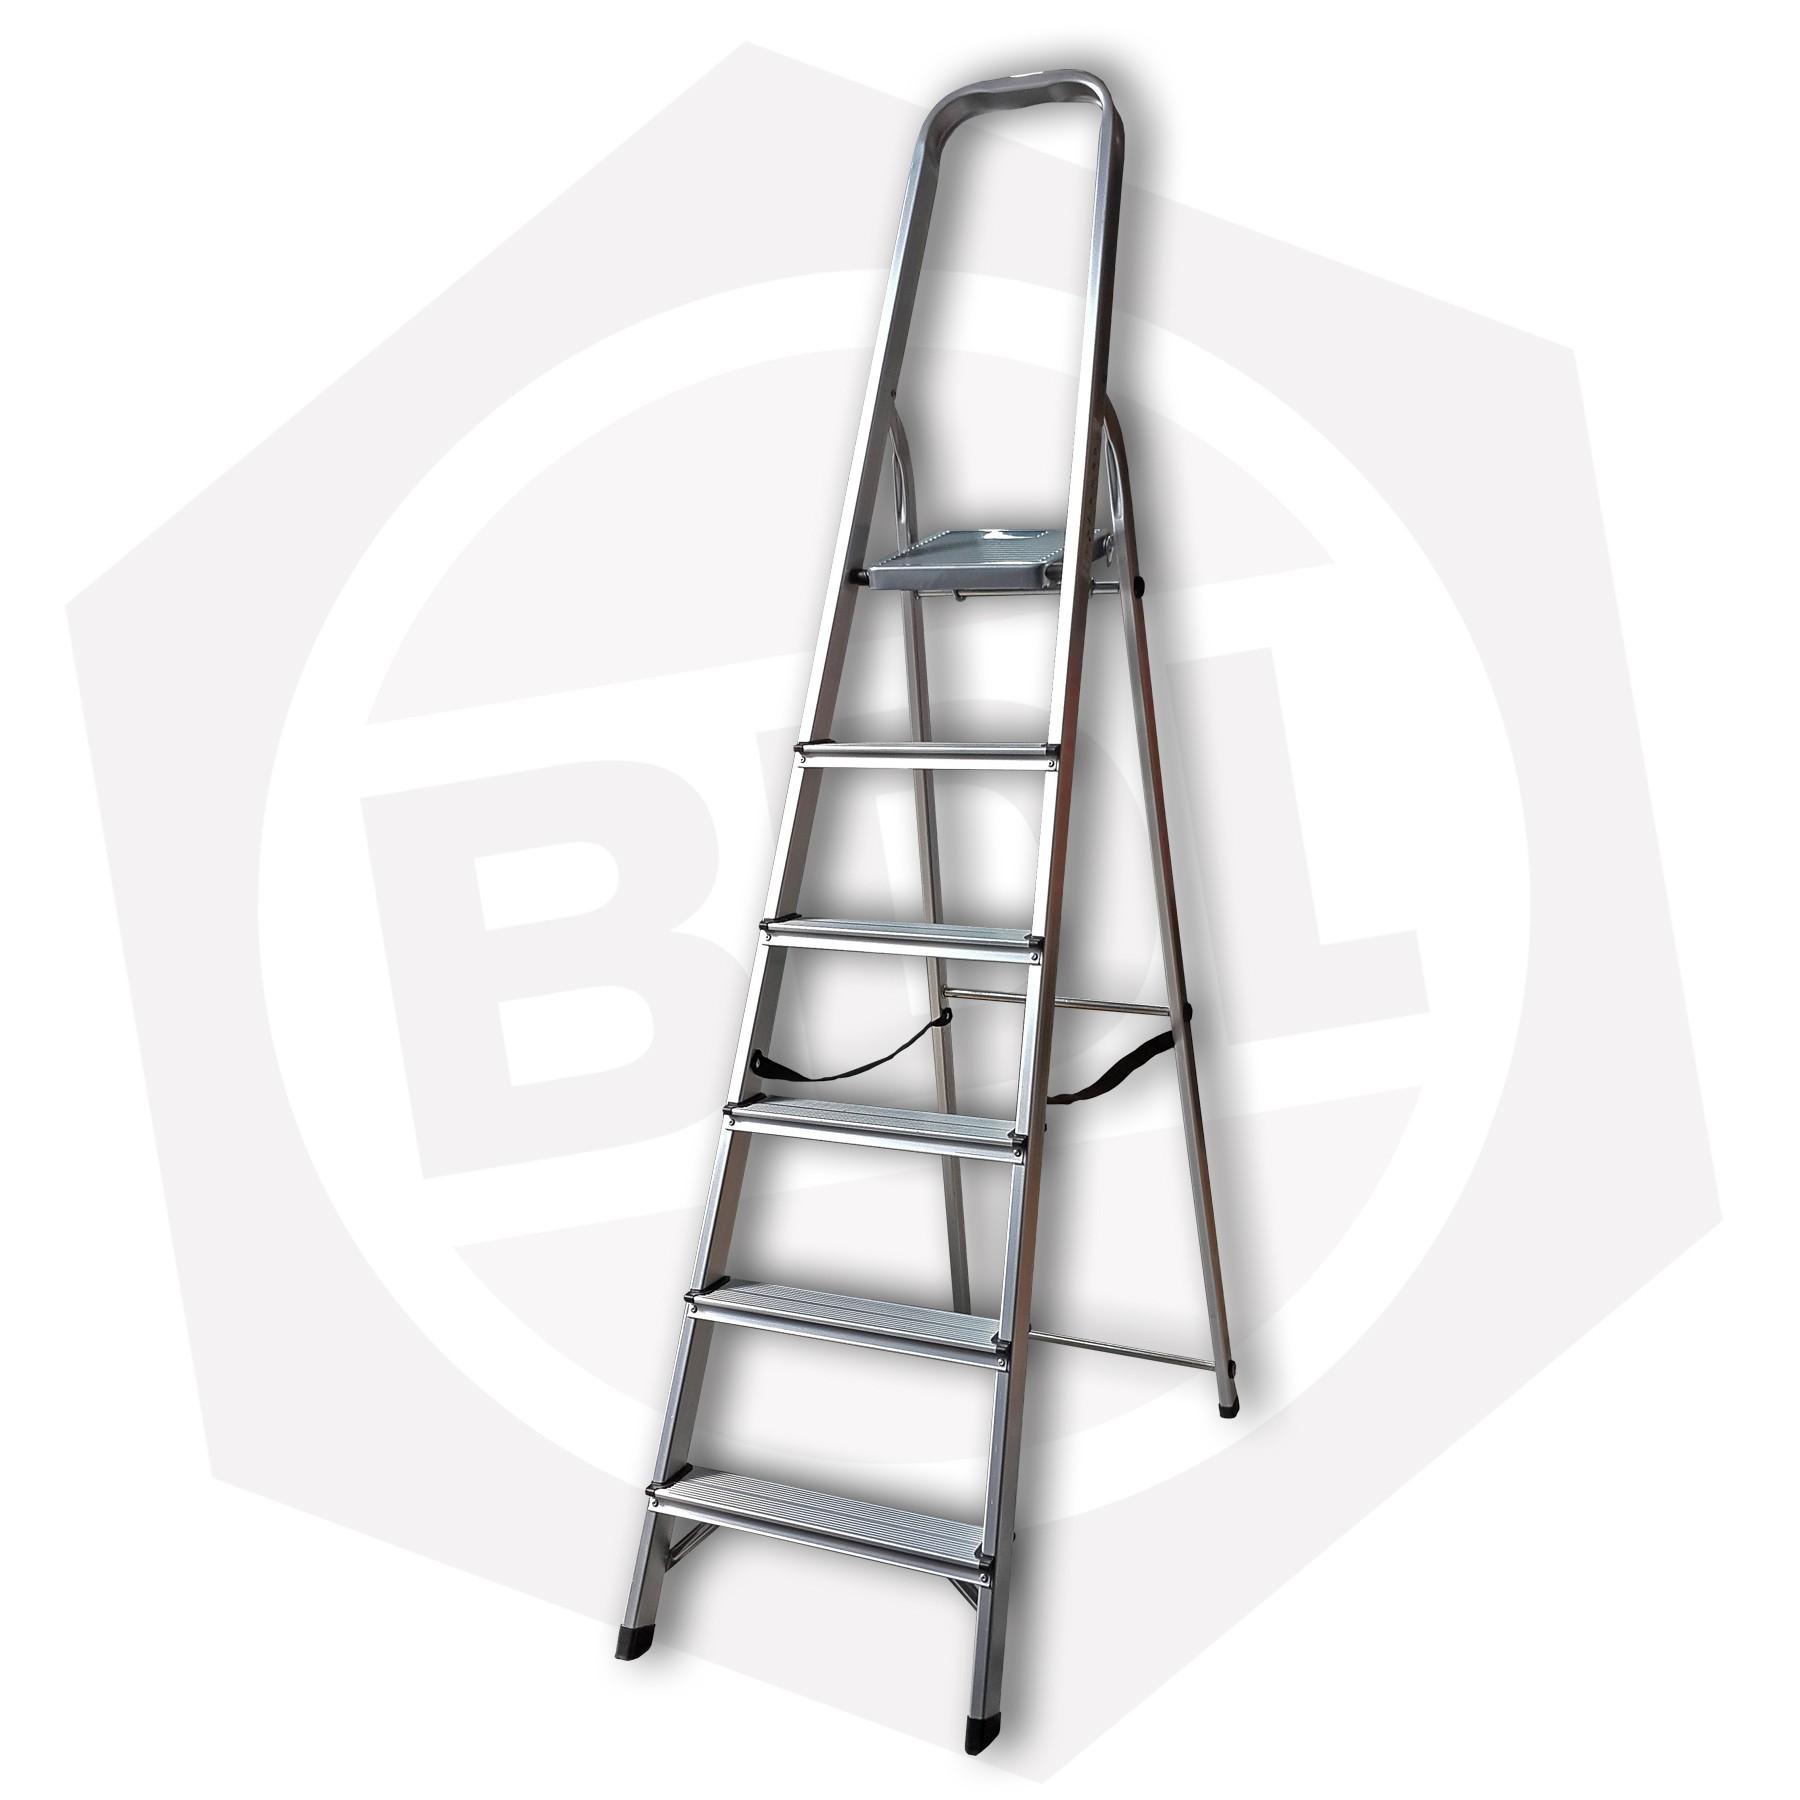 OFERTA - 15% DE DESCUENTO - Escalera de Aluminio Familiar con Arco FMT - 6 Escalones